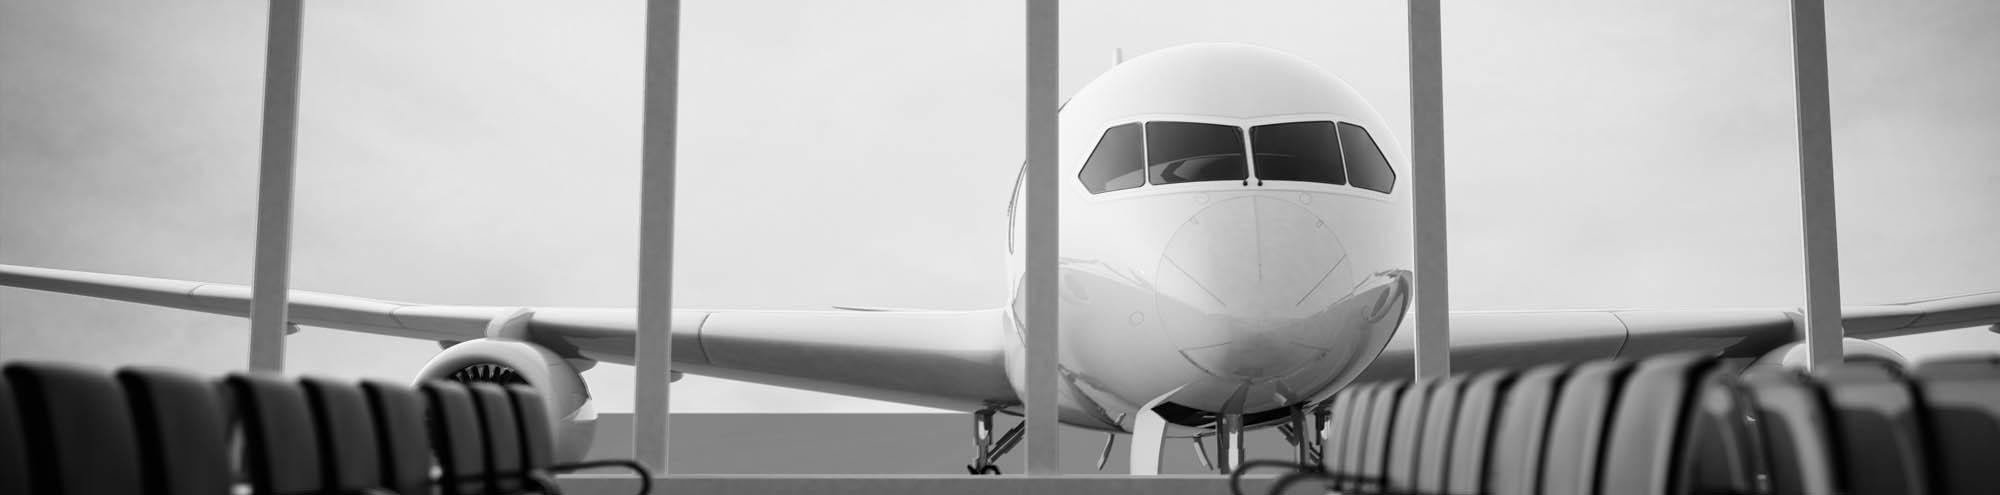 Global Taxi & Luchthavenvervoer